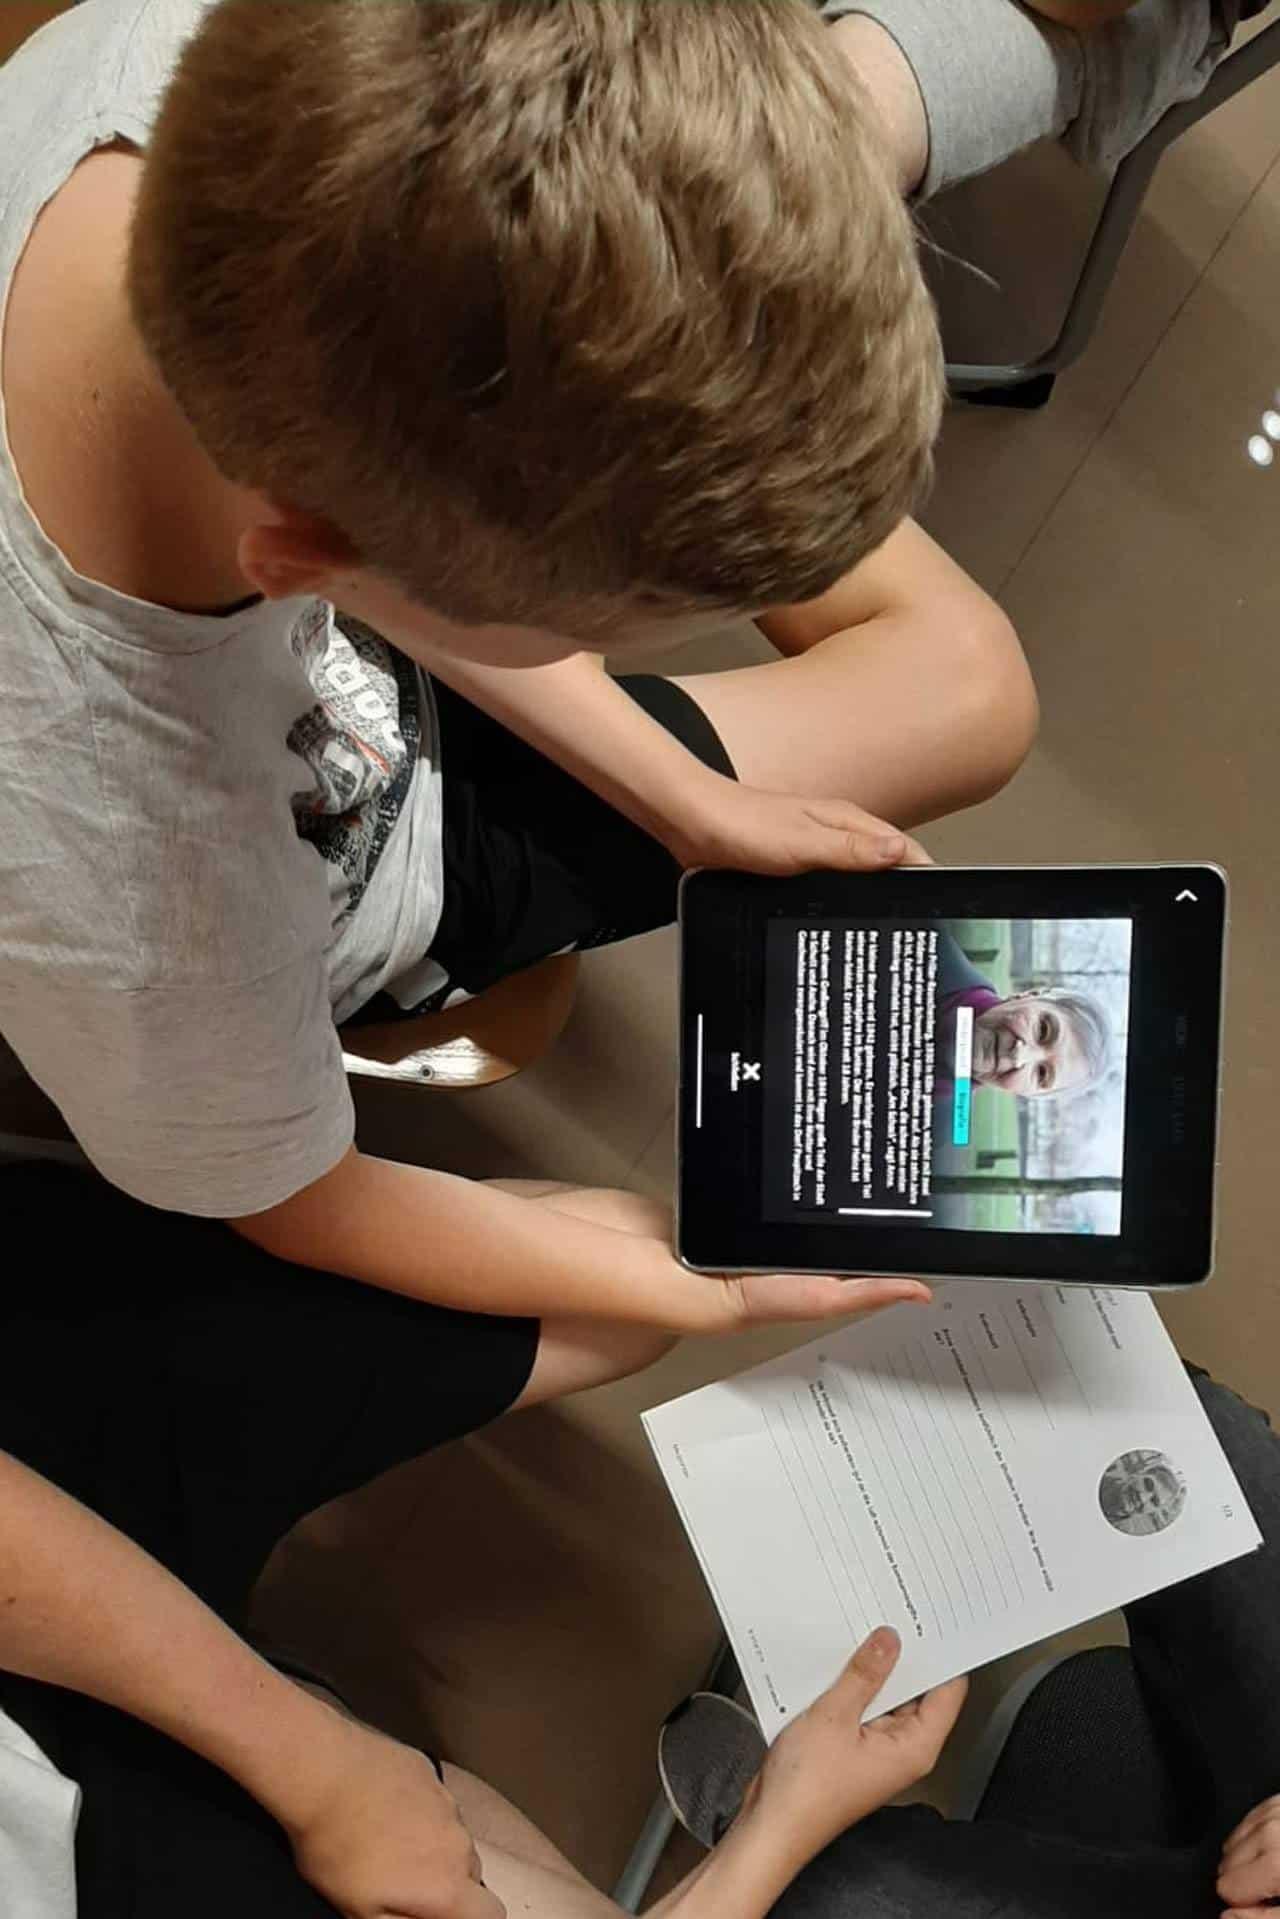 Ein Junge schaut interessiert auf ein iPad